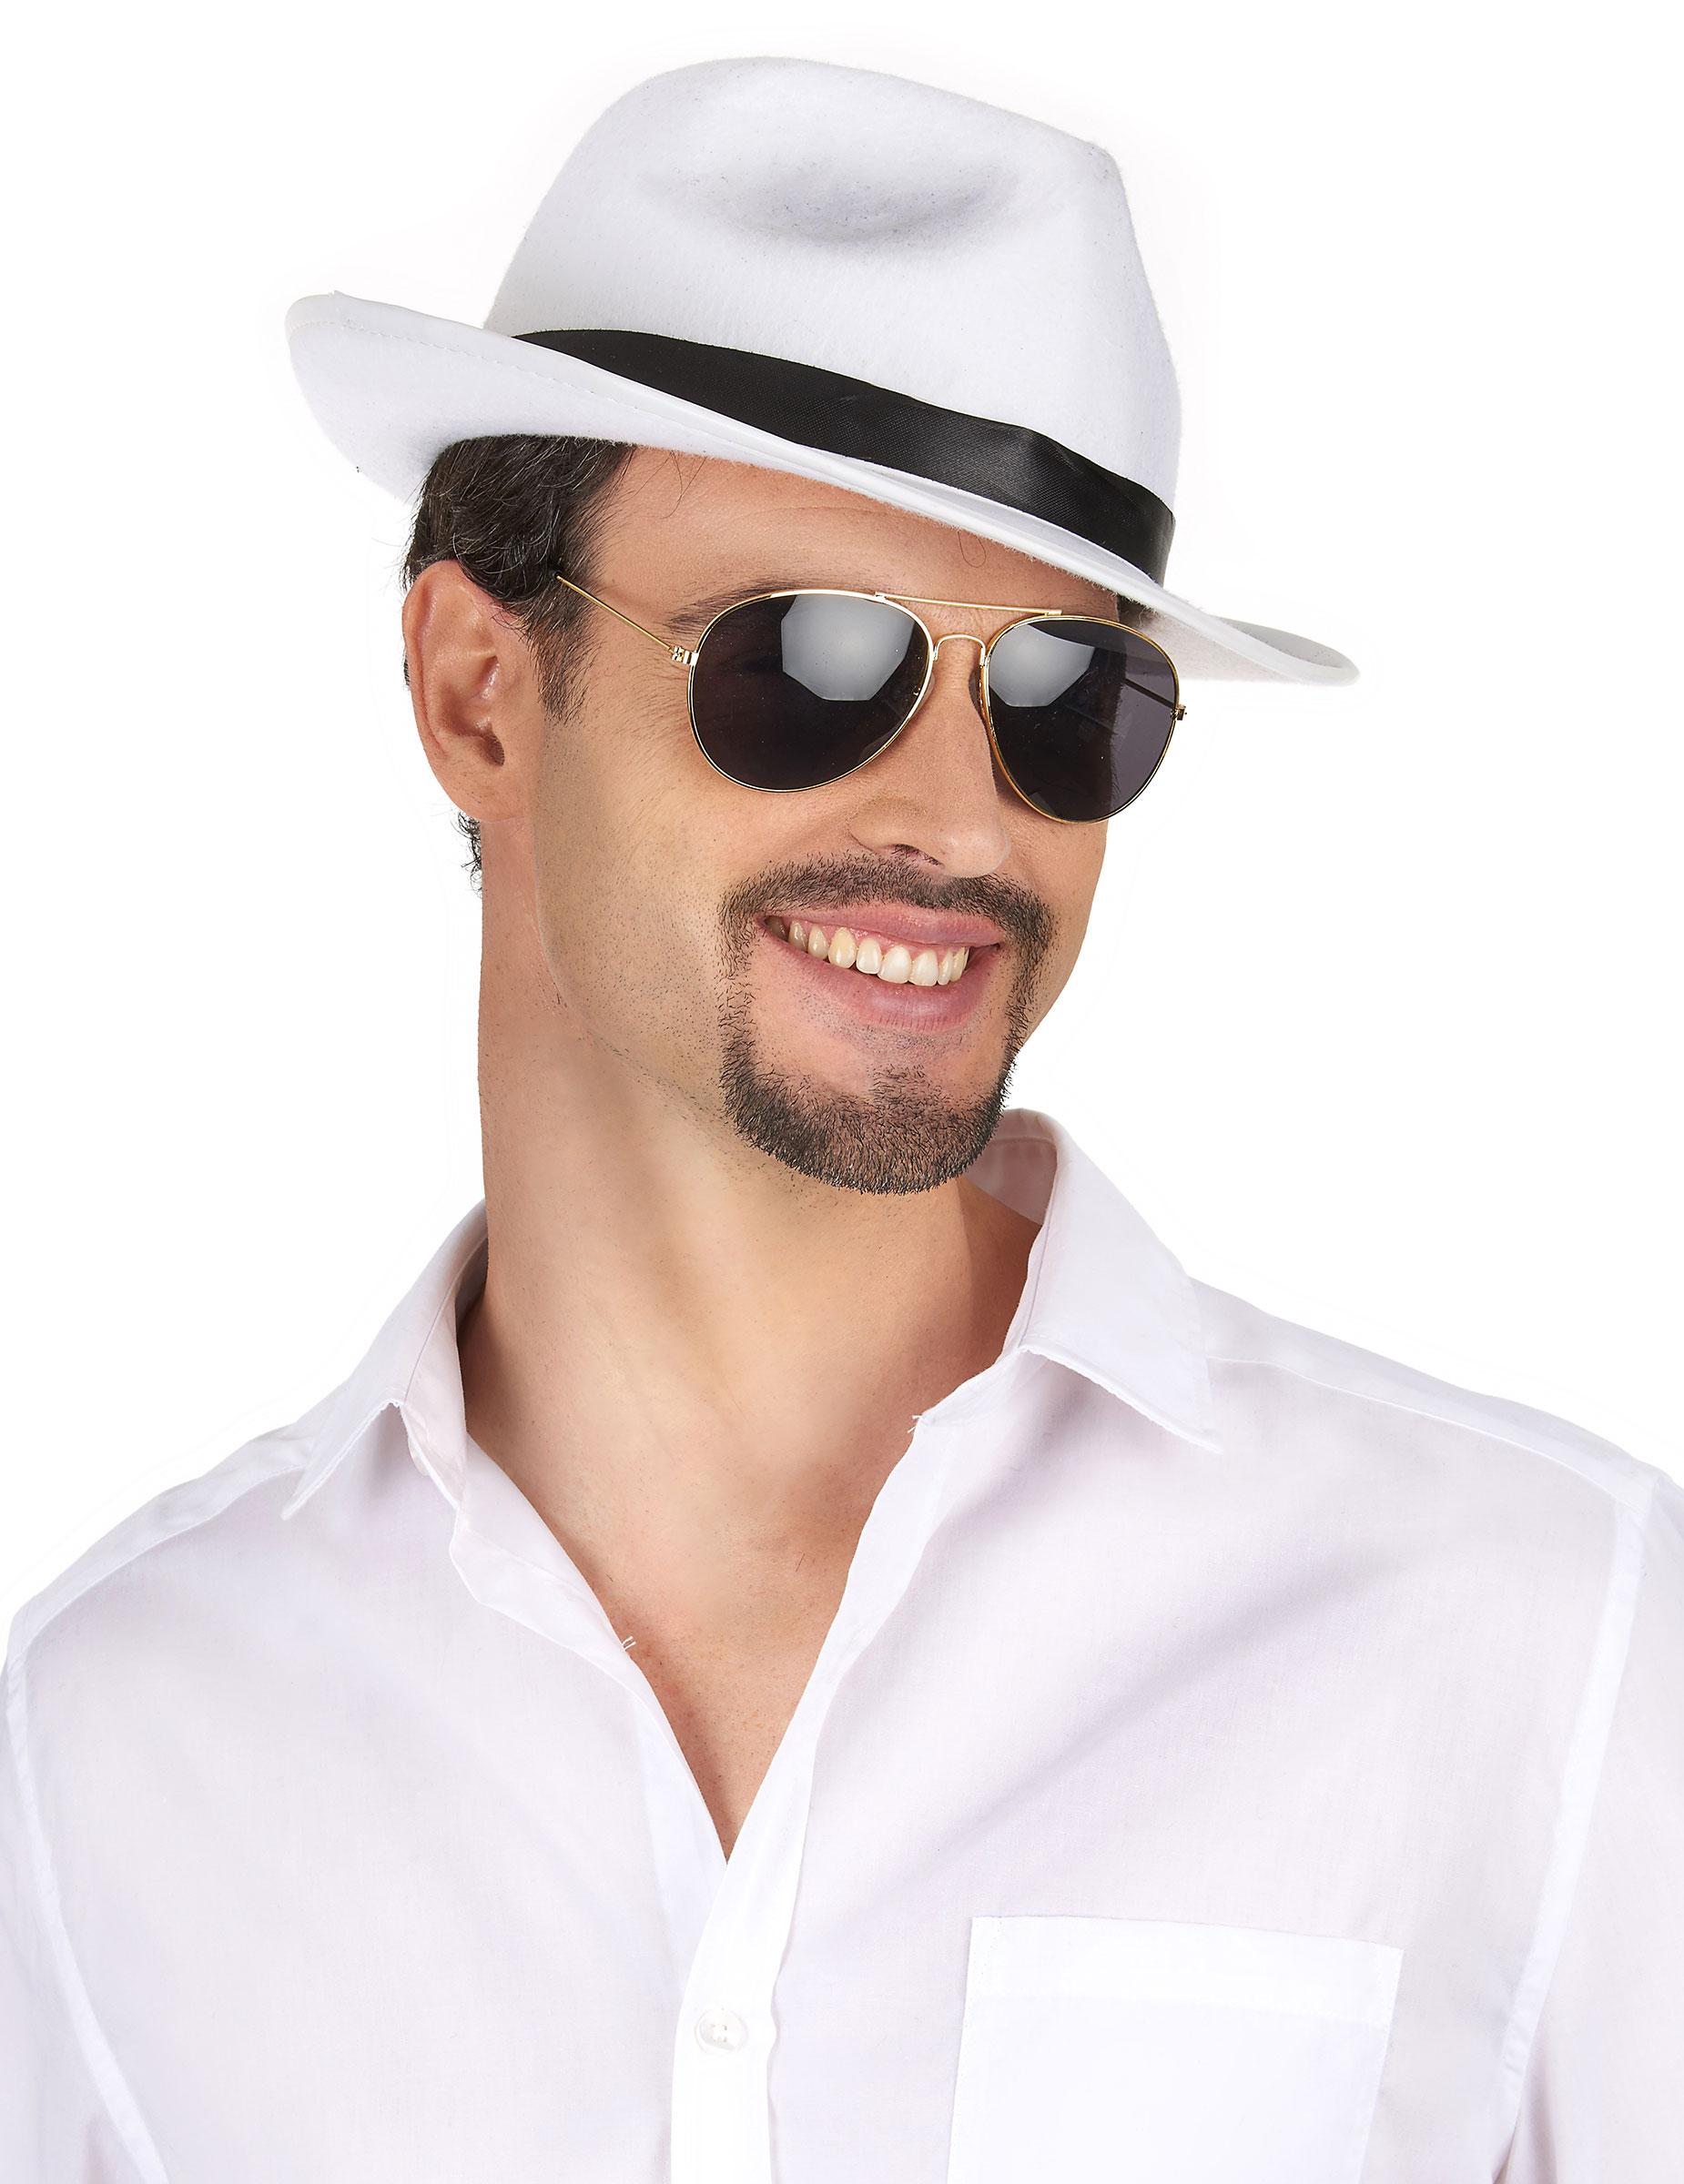 Cappello da gangster bianco e nero per adulti su VegaooParty ... 9300fa8620dd